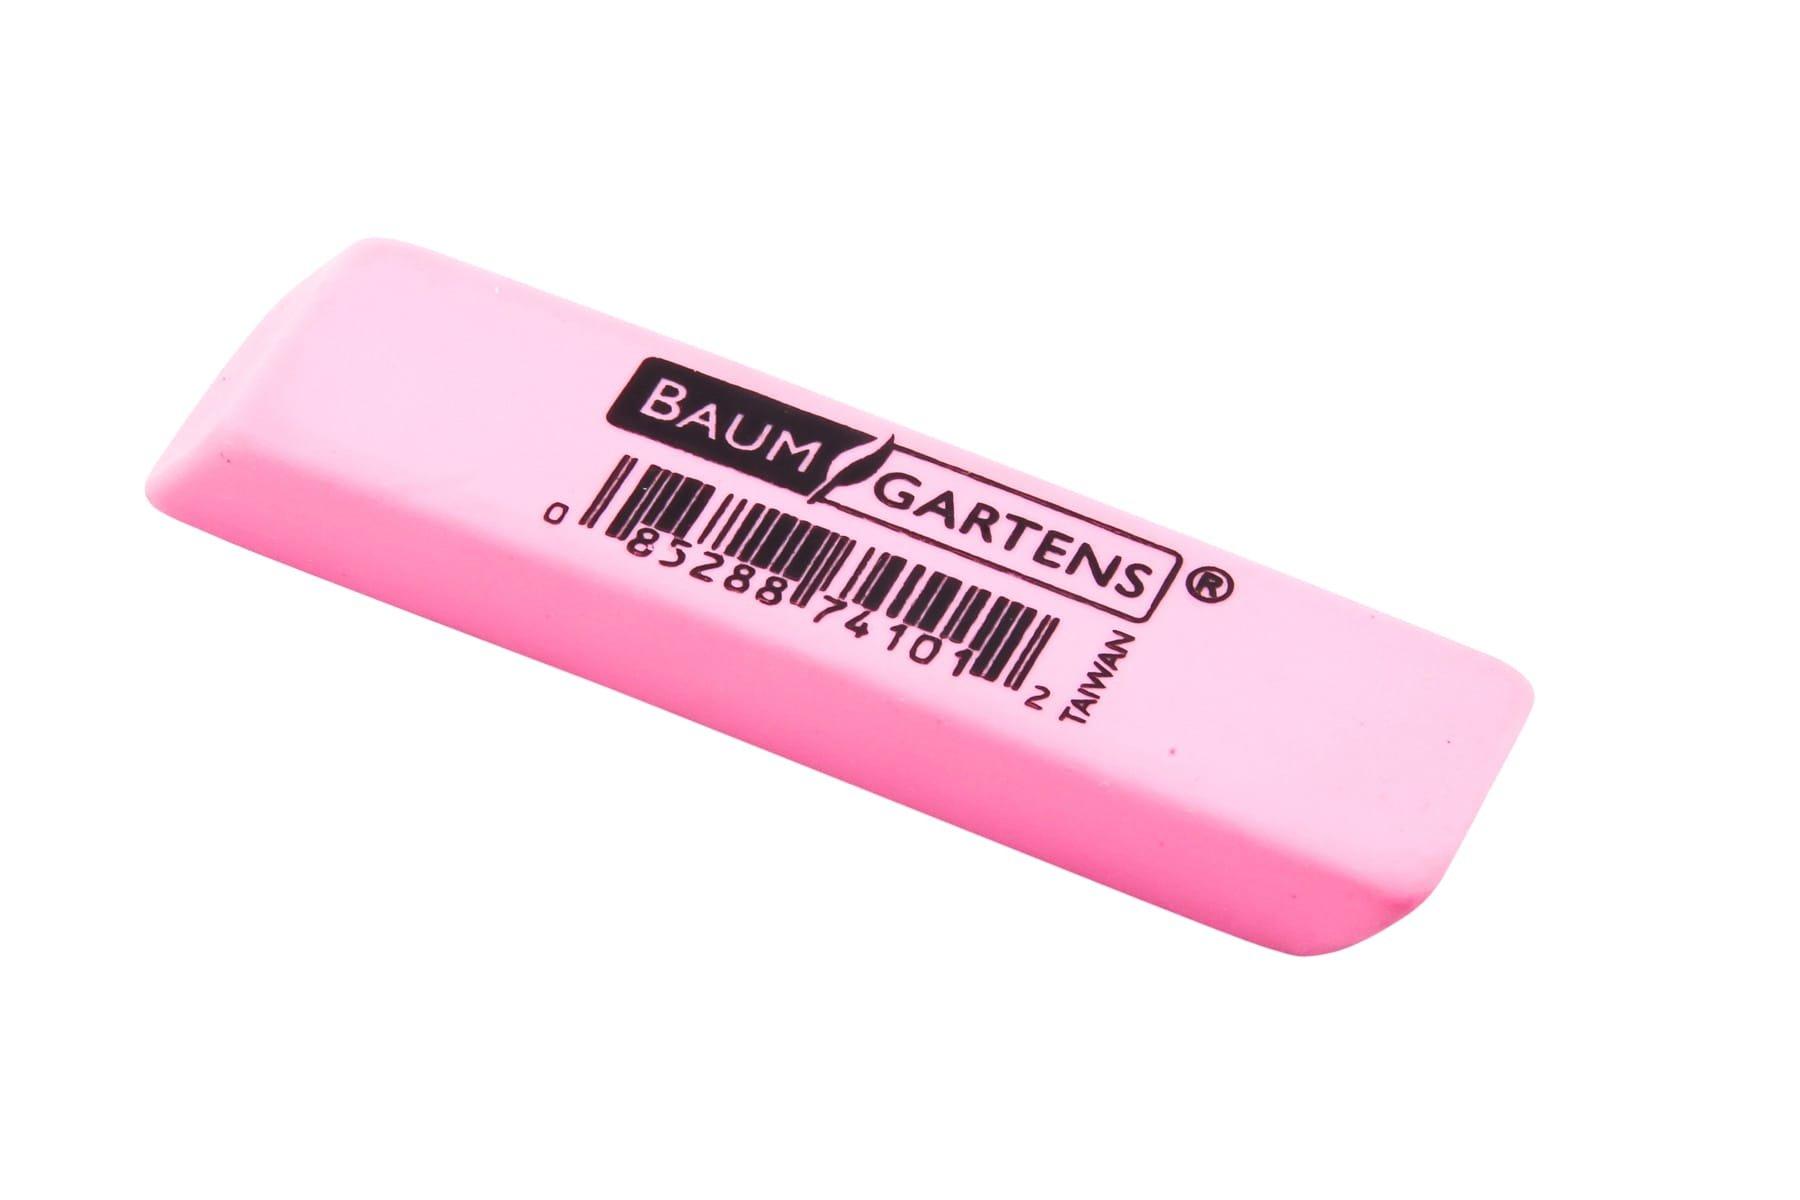 Baumgartens Pink Pencil Eraser 1 Each Pink (Pack of 1400) (74101)